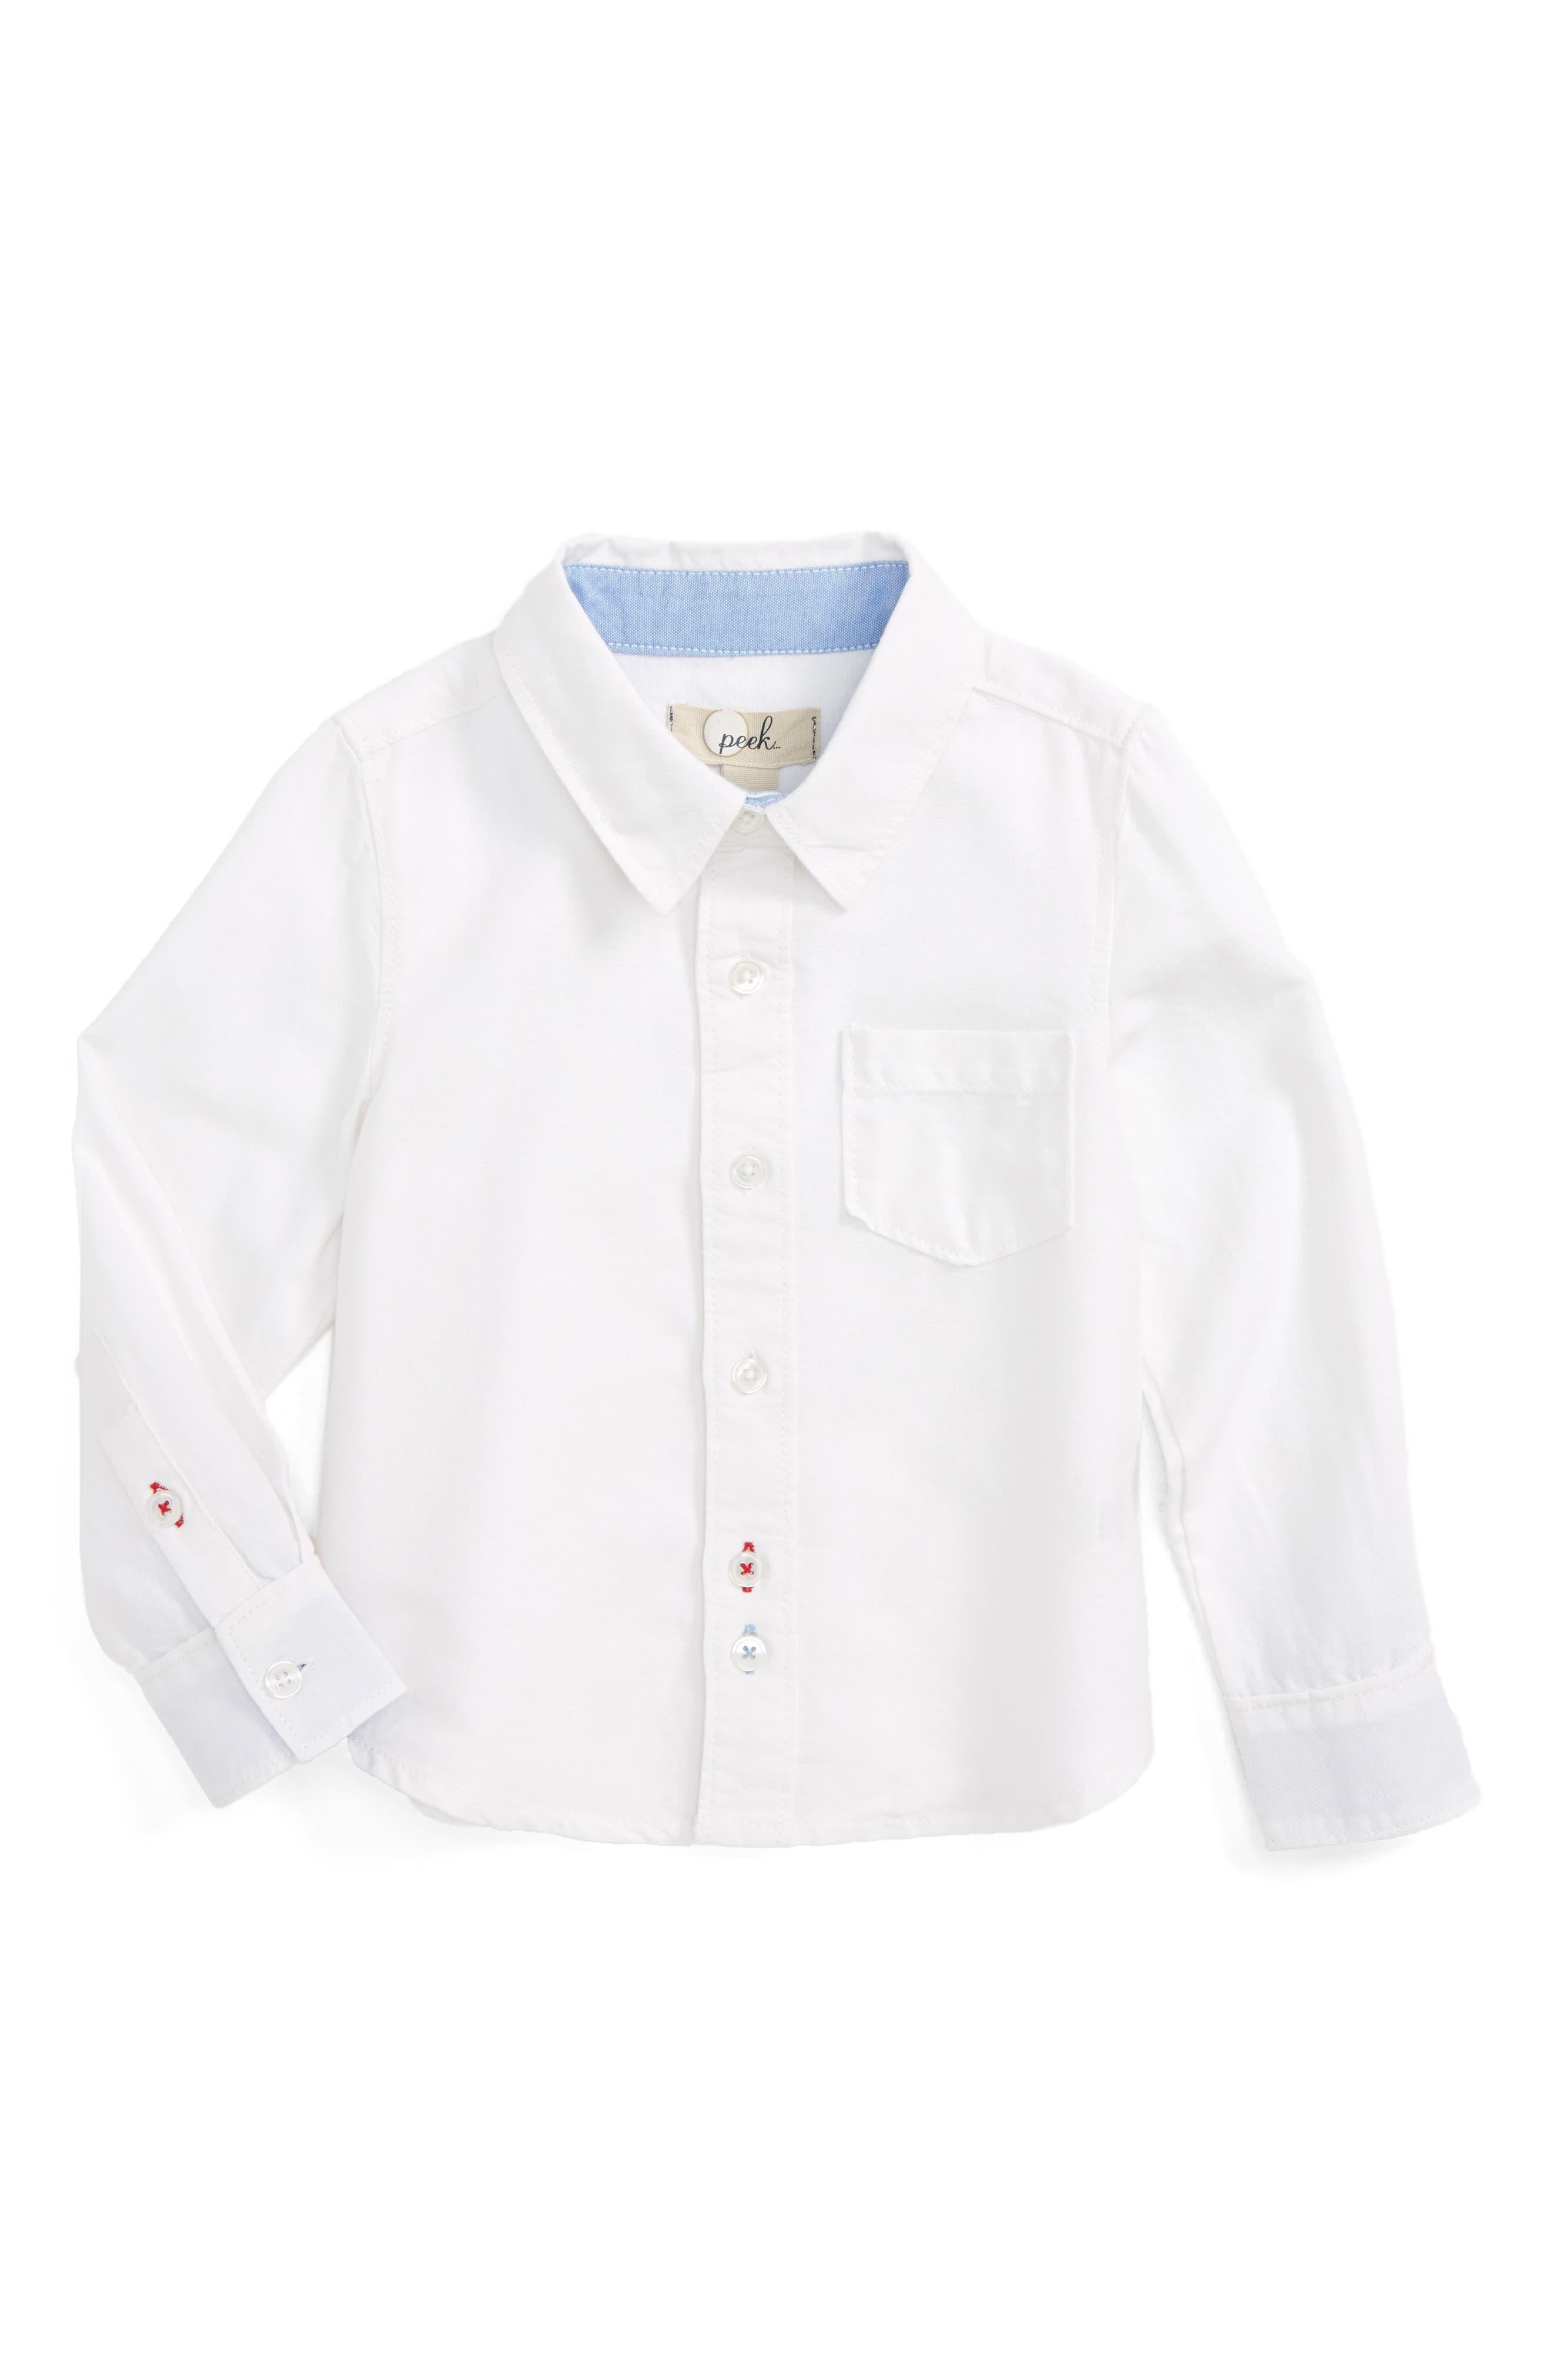 Thomas Oxford Shirt,                             Main thumbnail 1, color,